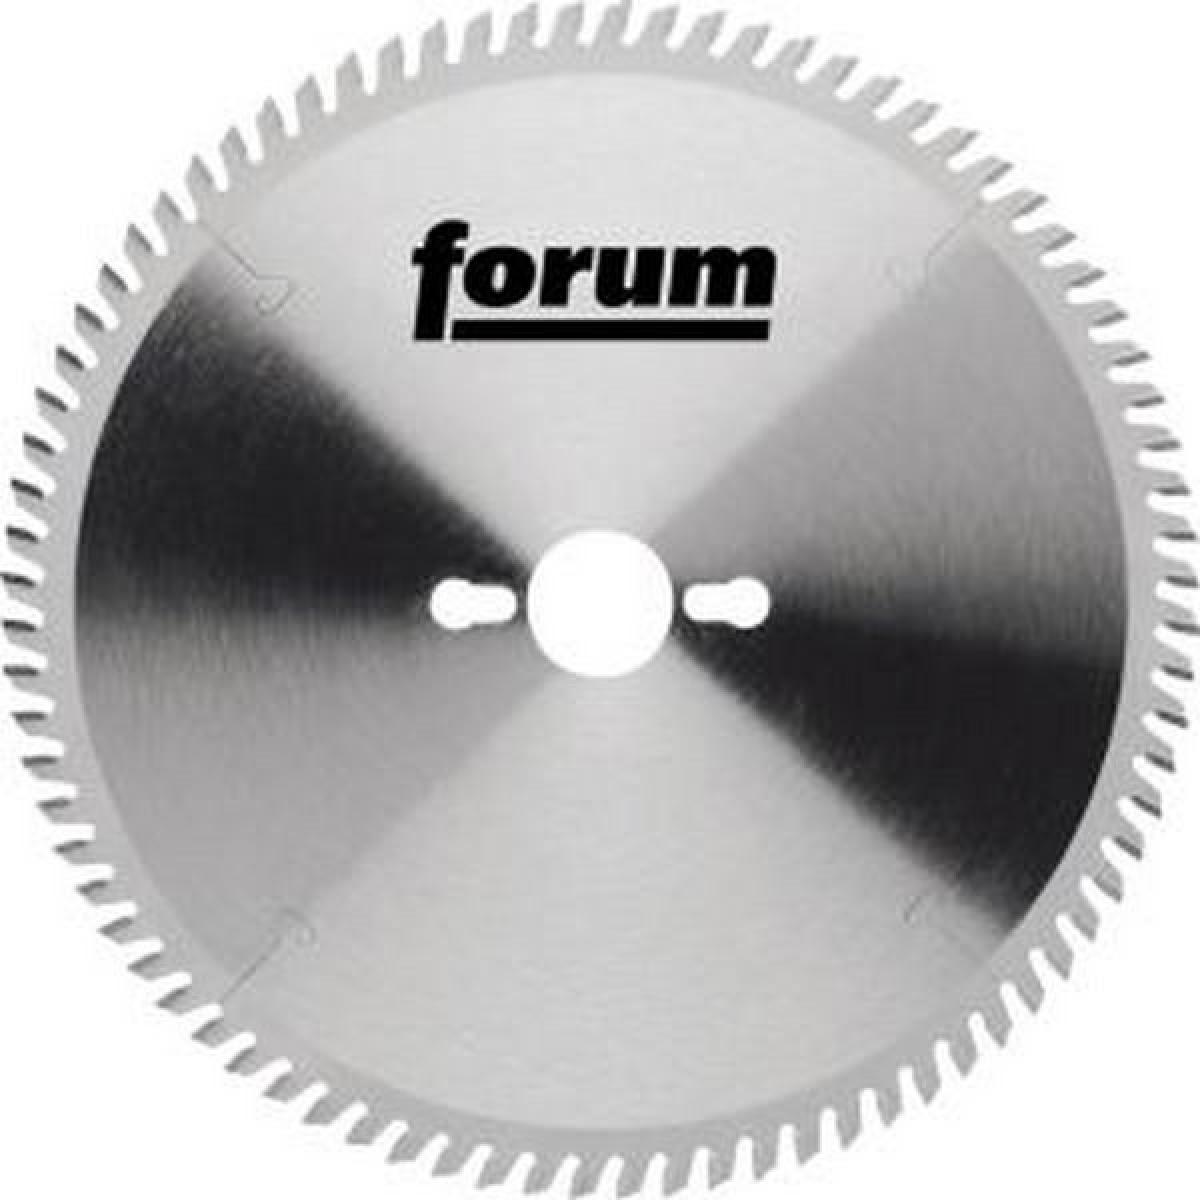 Forum Lame de scie circulaire, Ø : 355 mm, Larg. : 3,2 mm, Alésage 30 mm, Perçages secondaires : -, Dents : 16